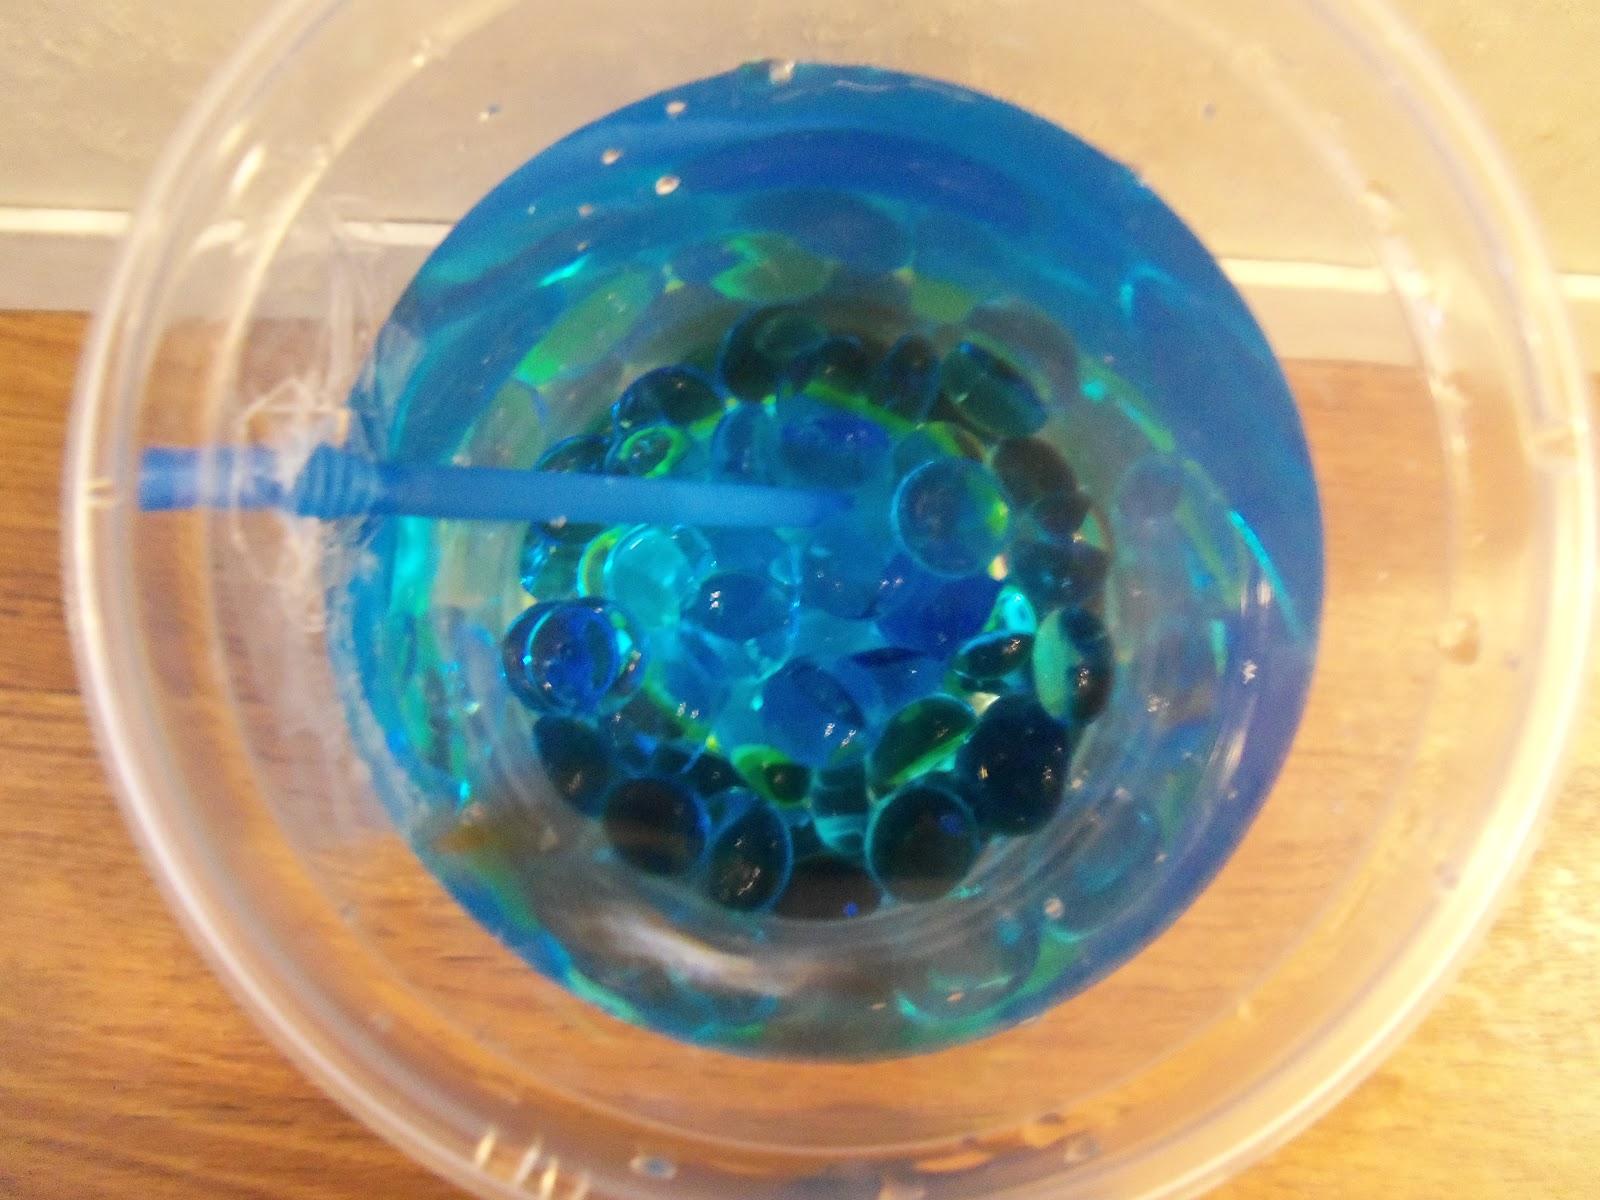 No clean aquarium betta fish tank - Diy Plastic Easy Cleaning Aquarium